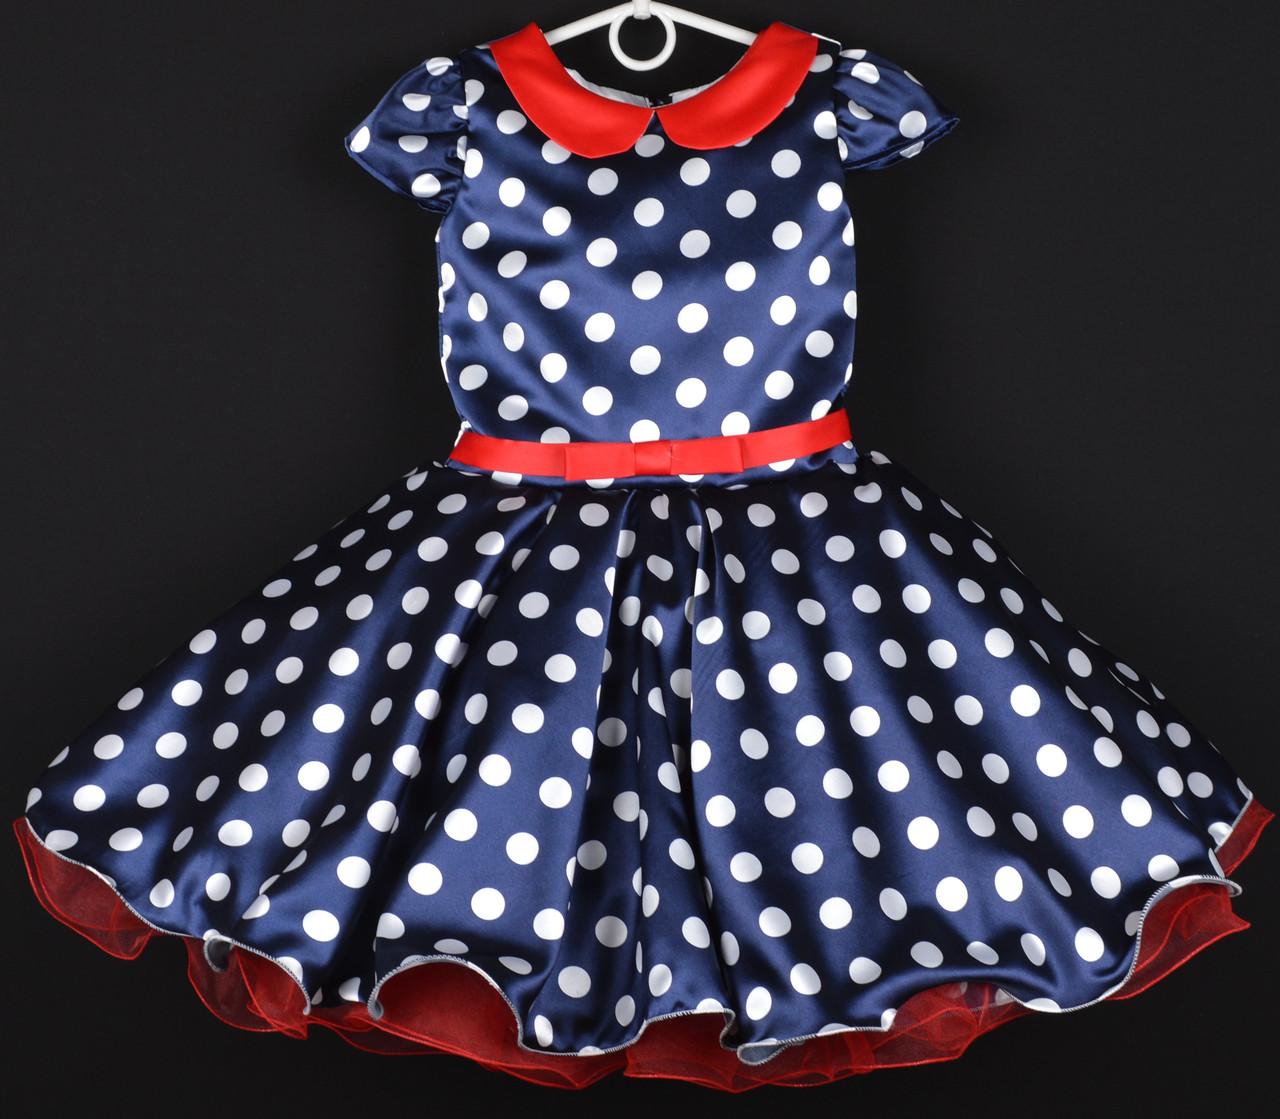 """Платье нарядное детское """"Мини Мики"""" с воротничком. 6-7 лет. Синее в белый горох. Оптом и в розницу"""